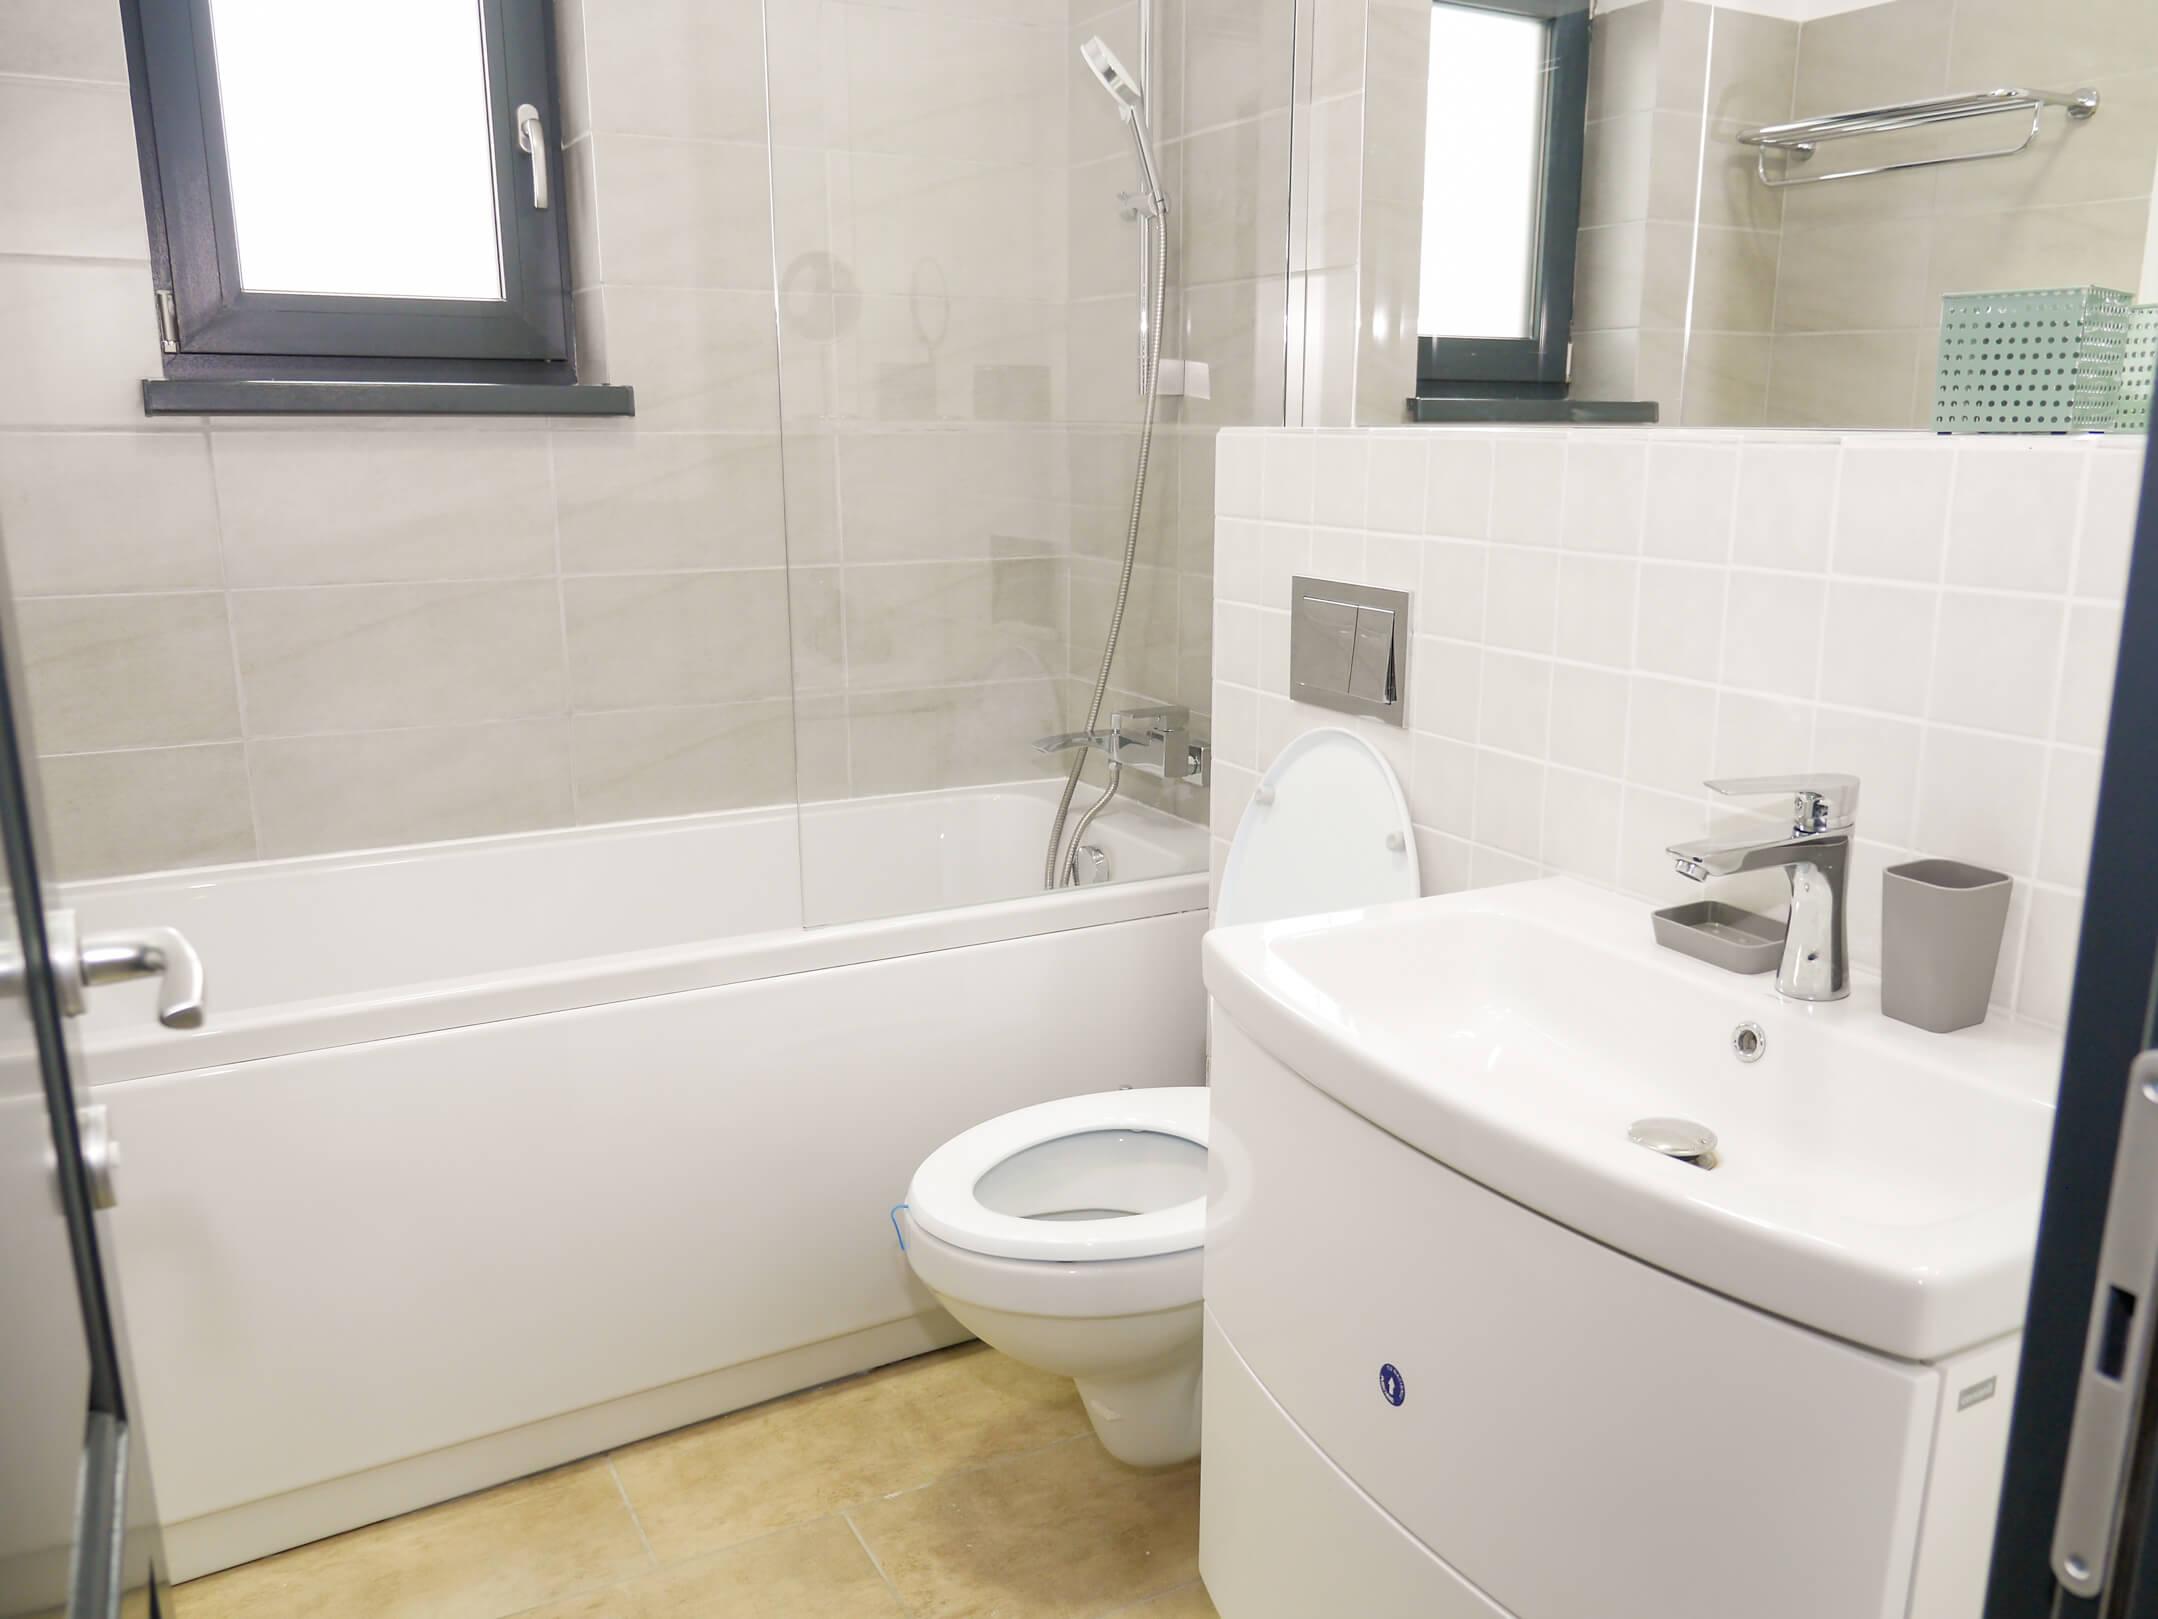 Clement Apartments - apartamente de inchiriat in regim hotelier - cazare neamt - cazare piatra neamt - apartament 6 (8)